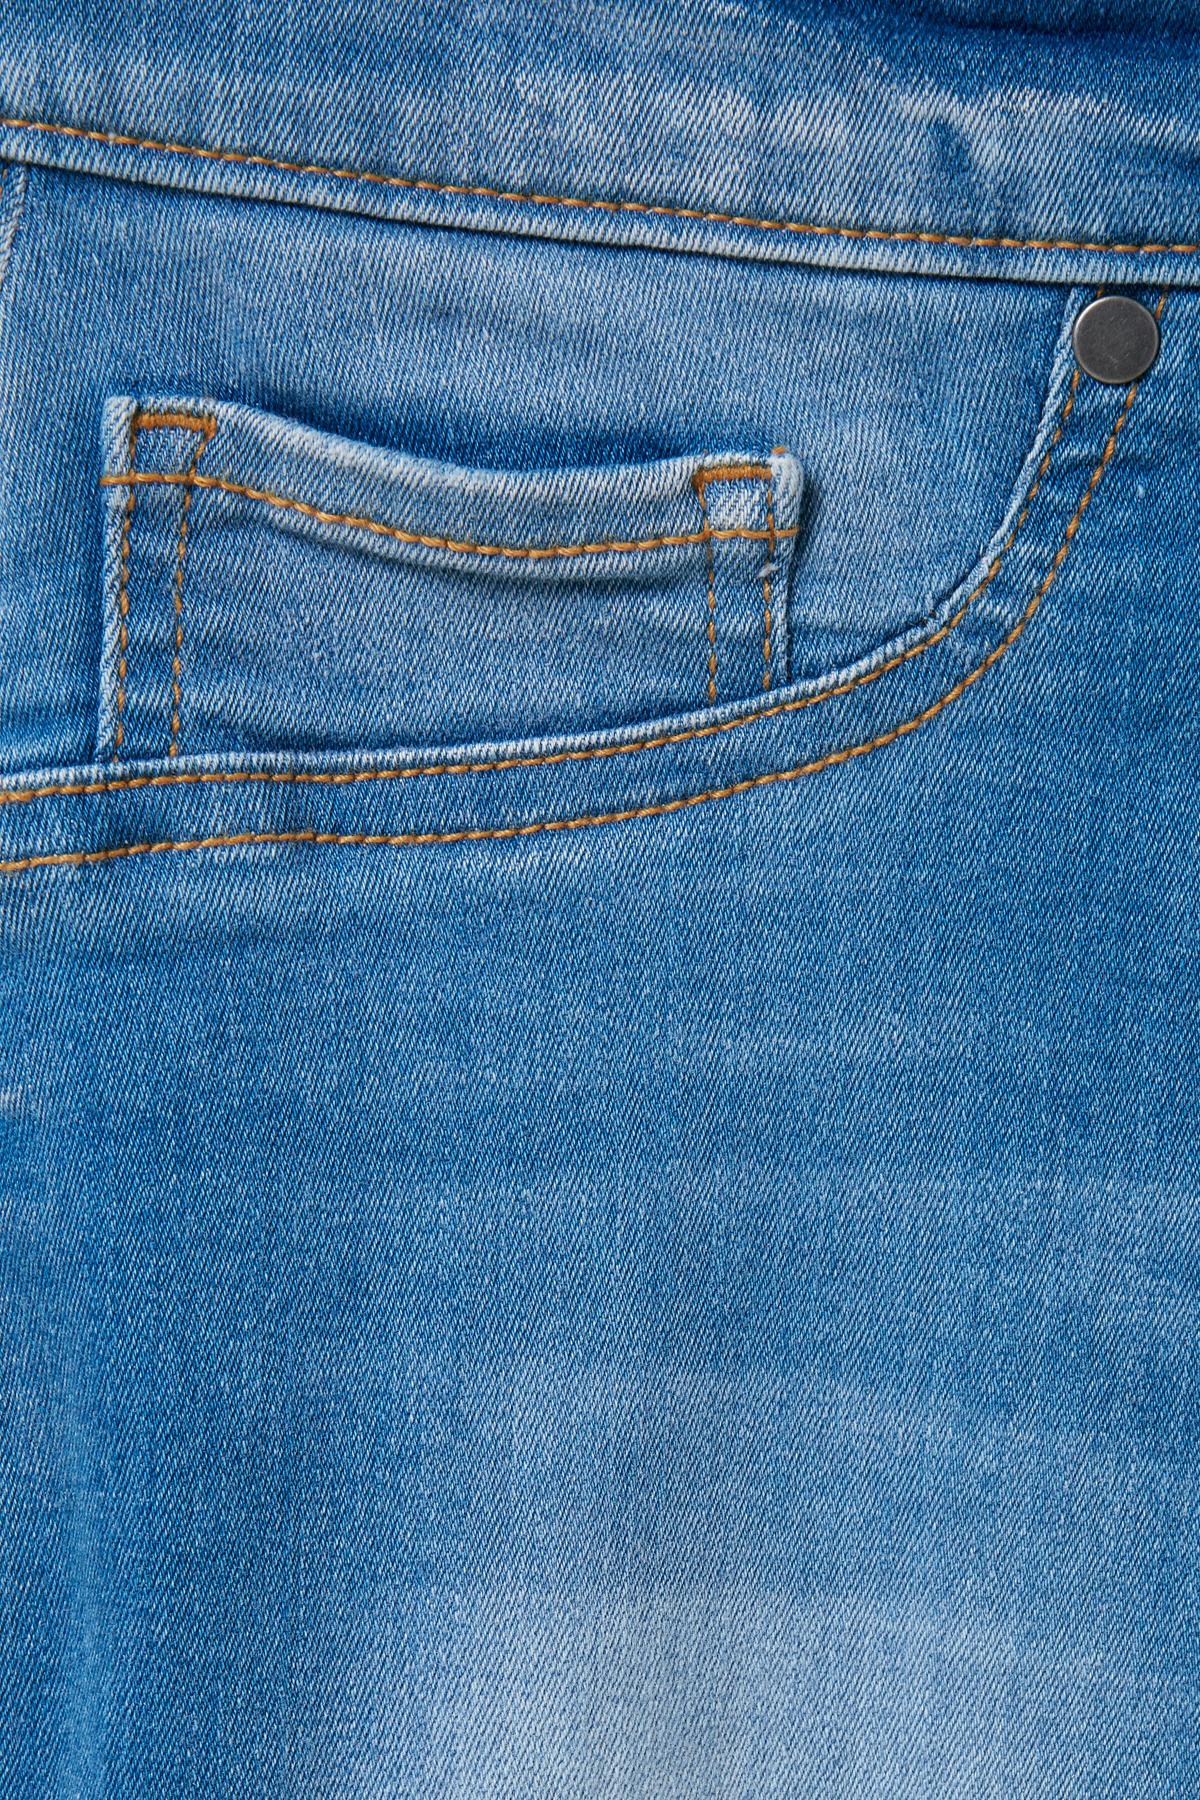 Denimblå Jeans fra Pulz Jeans – Køb Denimblå Jeans fra str. 25-34 her